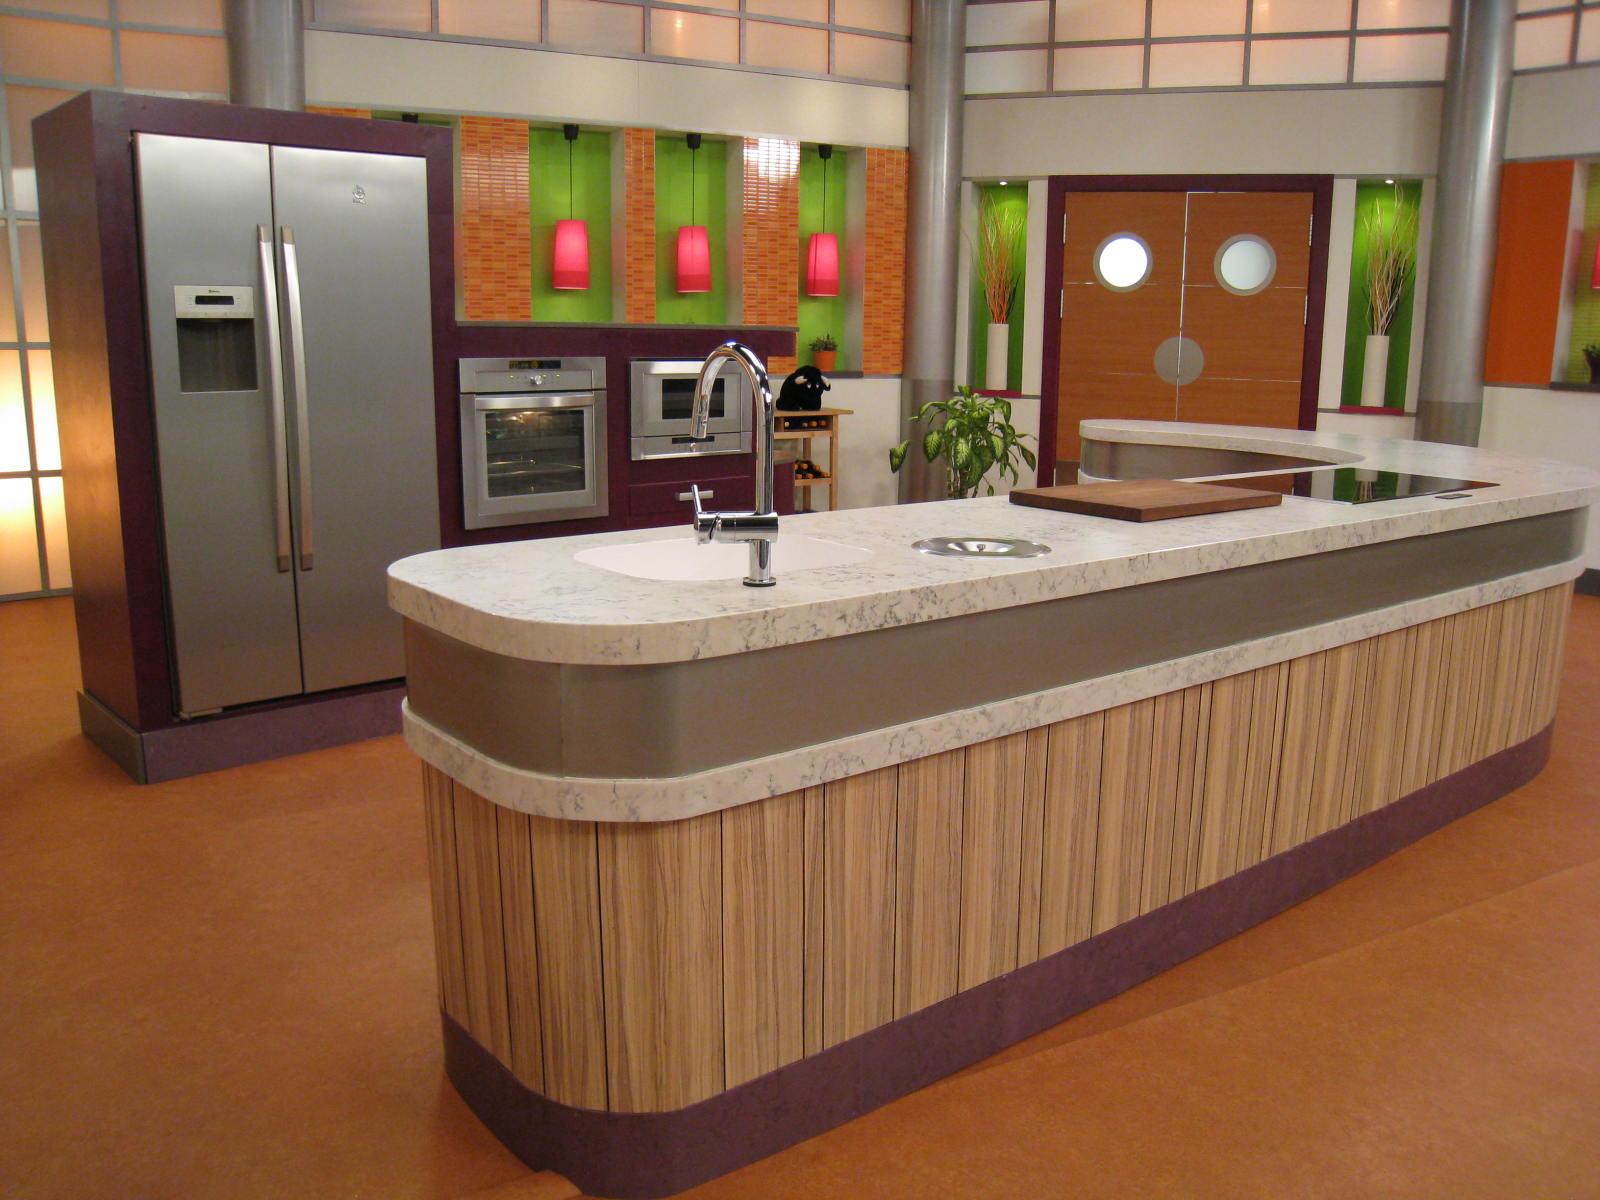 Cosentino espa a el programa c metelo renueva - Television en la cocina ...